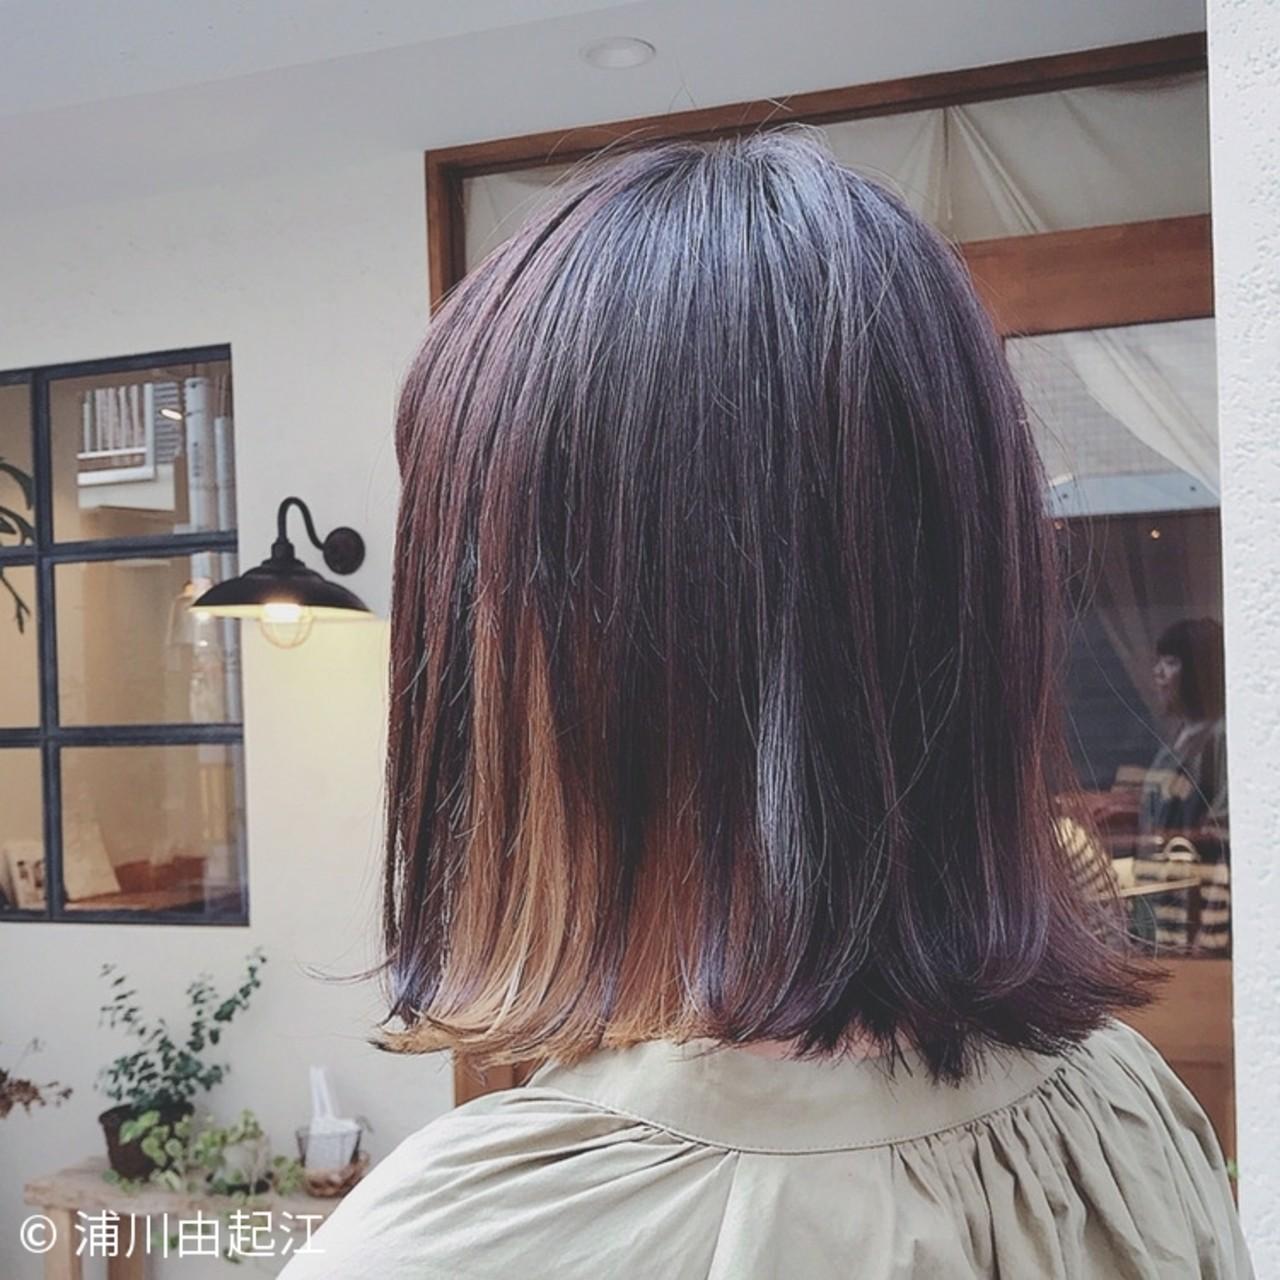 インナーカラー ナチュラル デート ハイライト ヘアスタイルや髪型の写真・画像 | 浦川由起江 / nanon